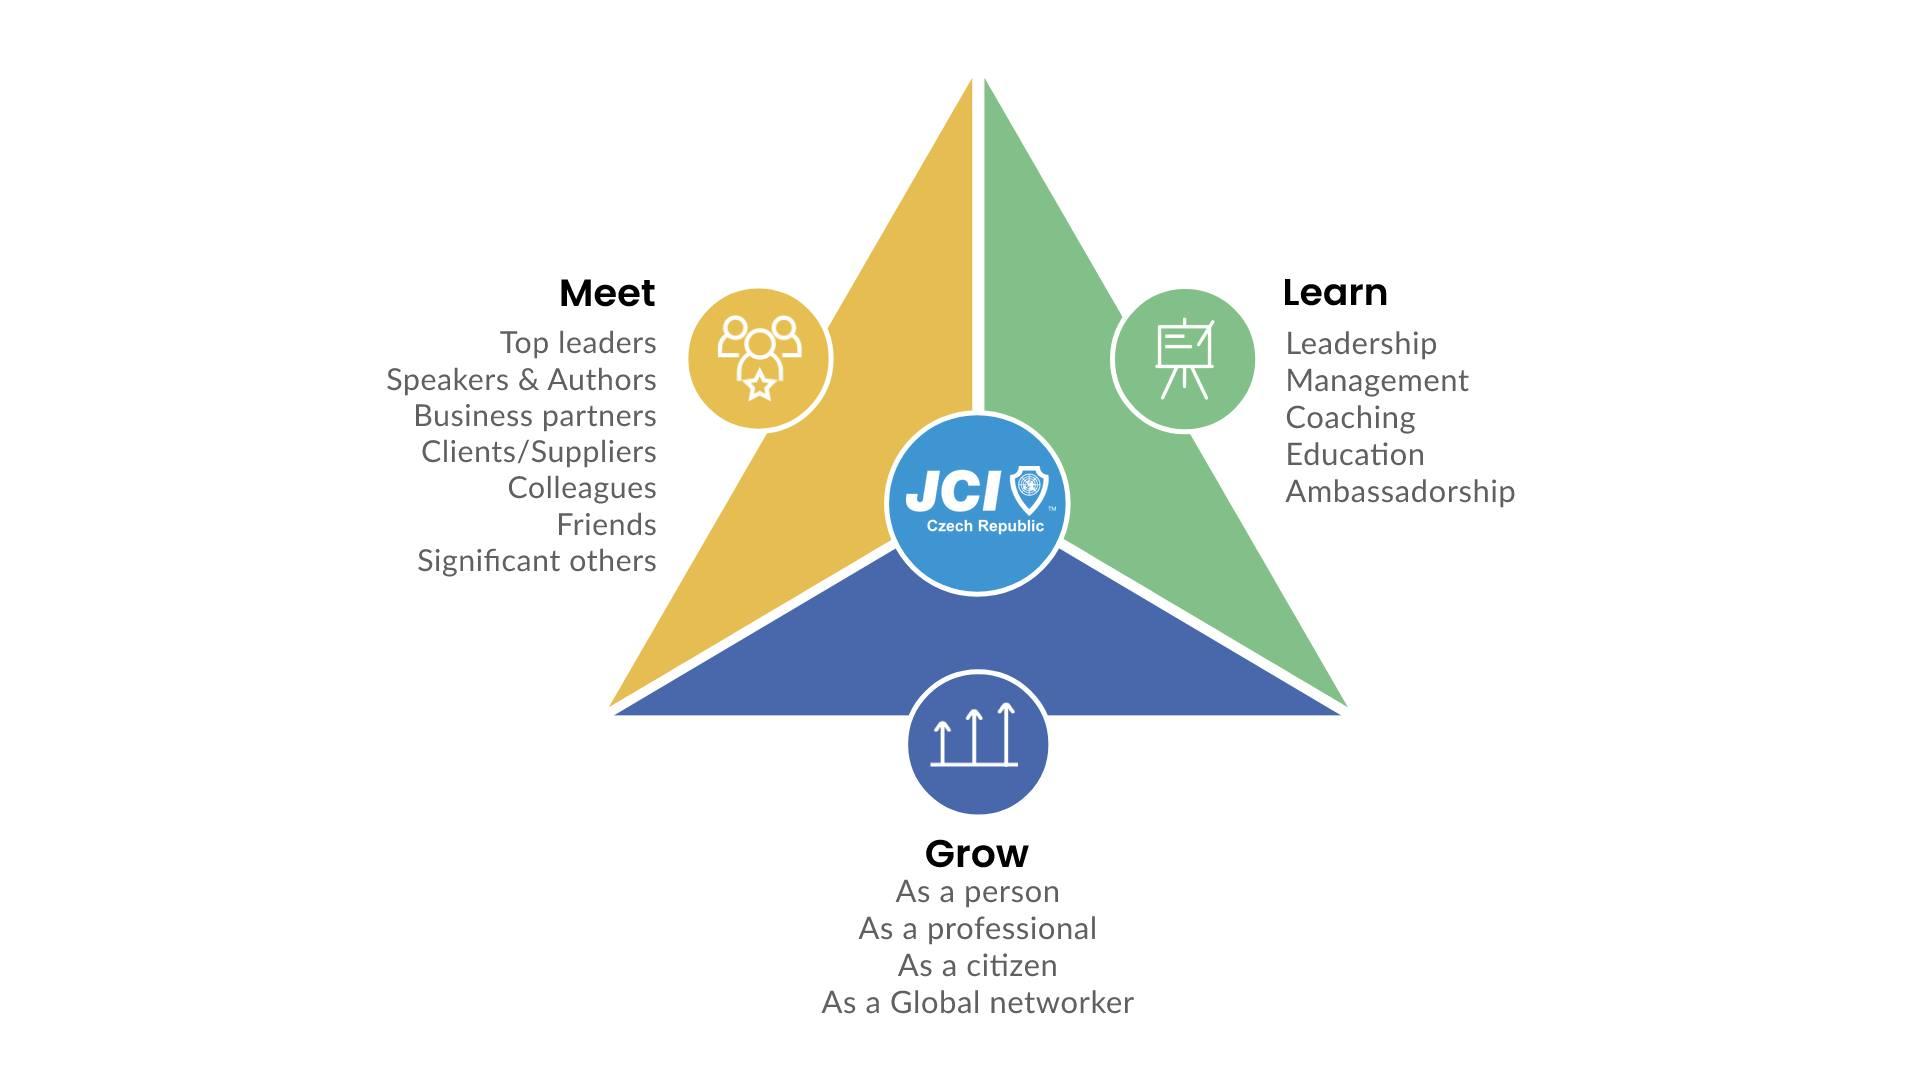 Meet, Learn and Grow s JCI